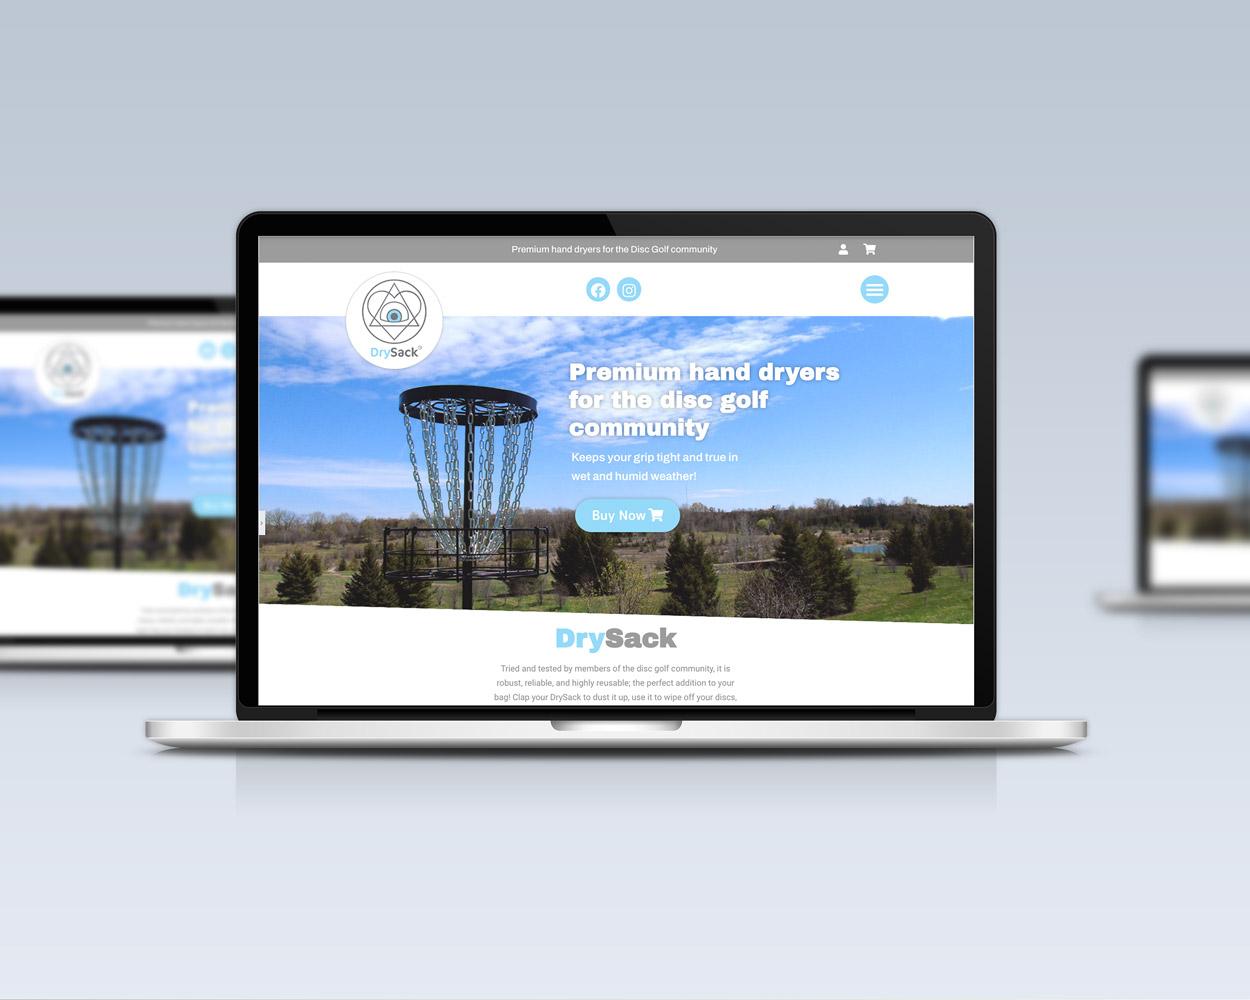 disc golf ecommerce online shop hompage desktopblack-bike-media black-bike-media